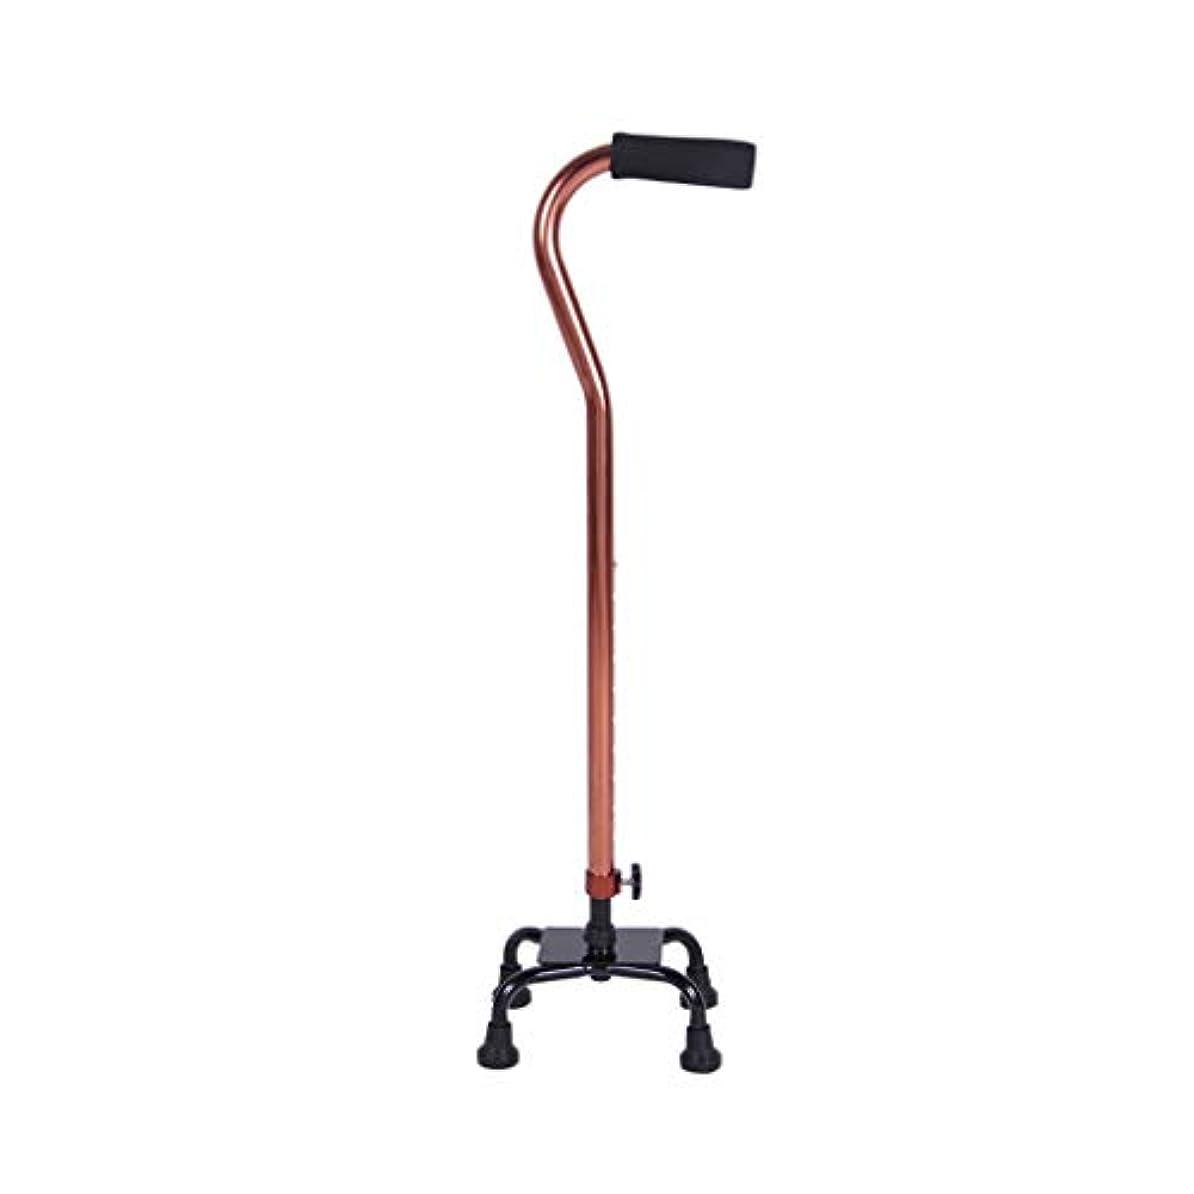 腐ったスポーツの試合を担当している人不機嫌そうな厚いアルミ合金調節可能な4本足ステッキ老人杖安定した歩行補助伸縮スティックステッキ